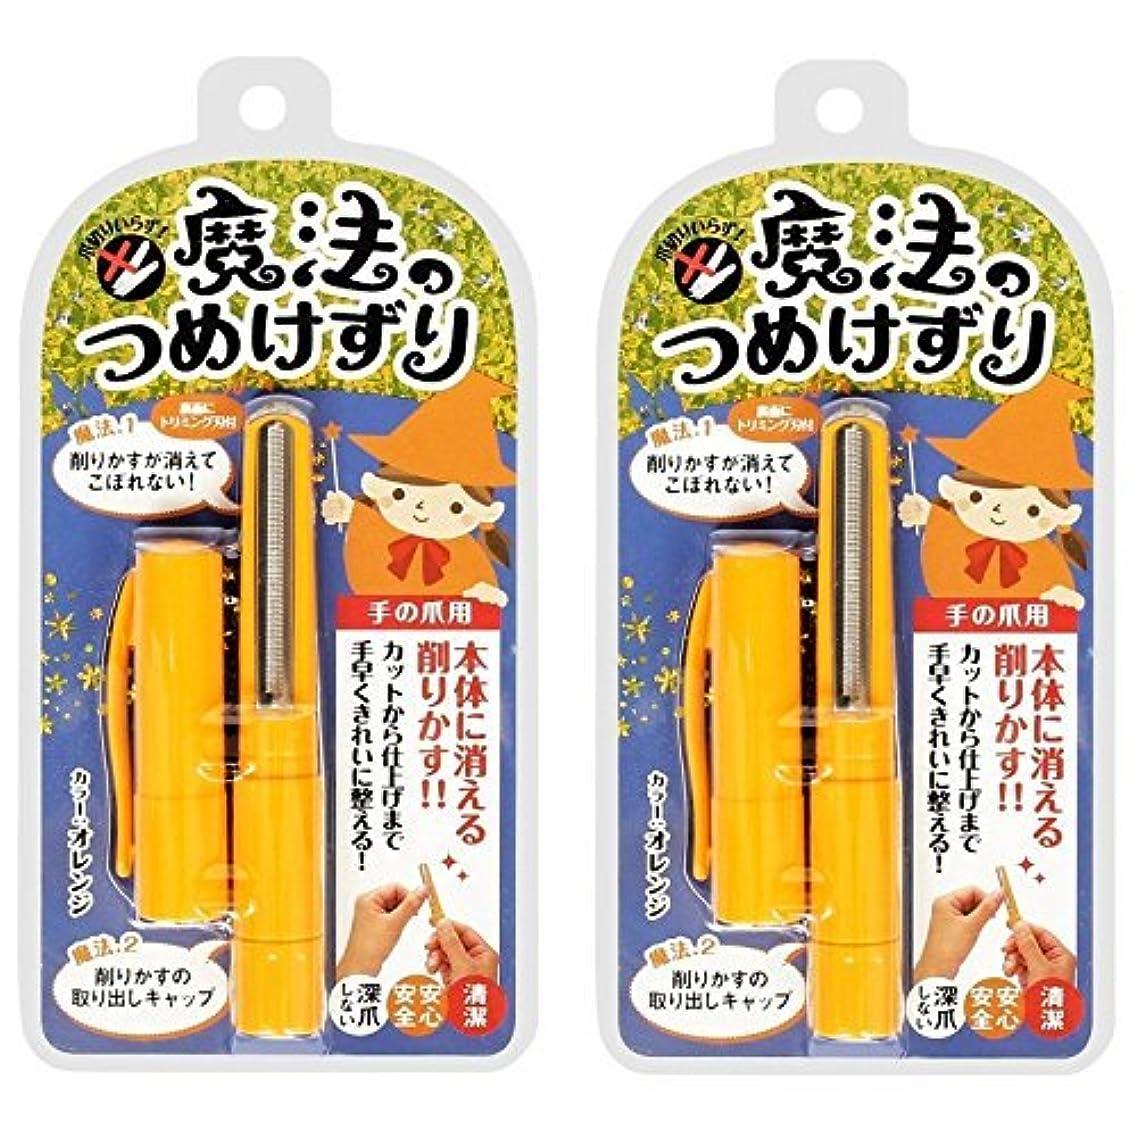 買収幾何学マリン【セット品】松本金型 魔法のつめけずり MM-090 オレンジ ×2個